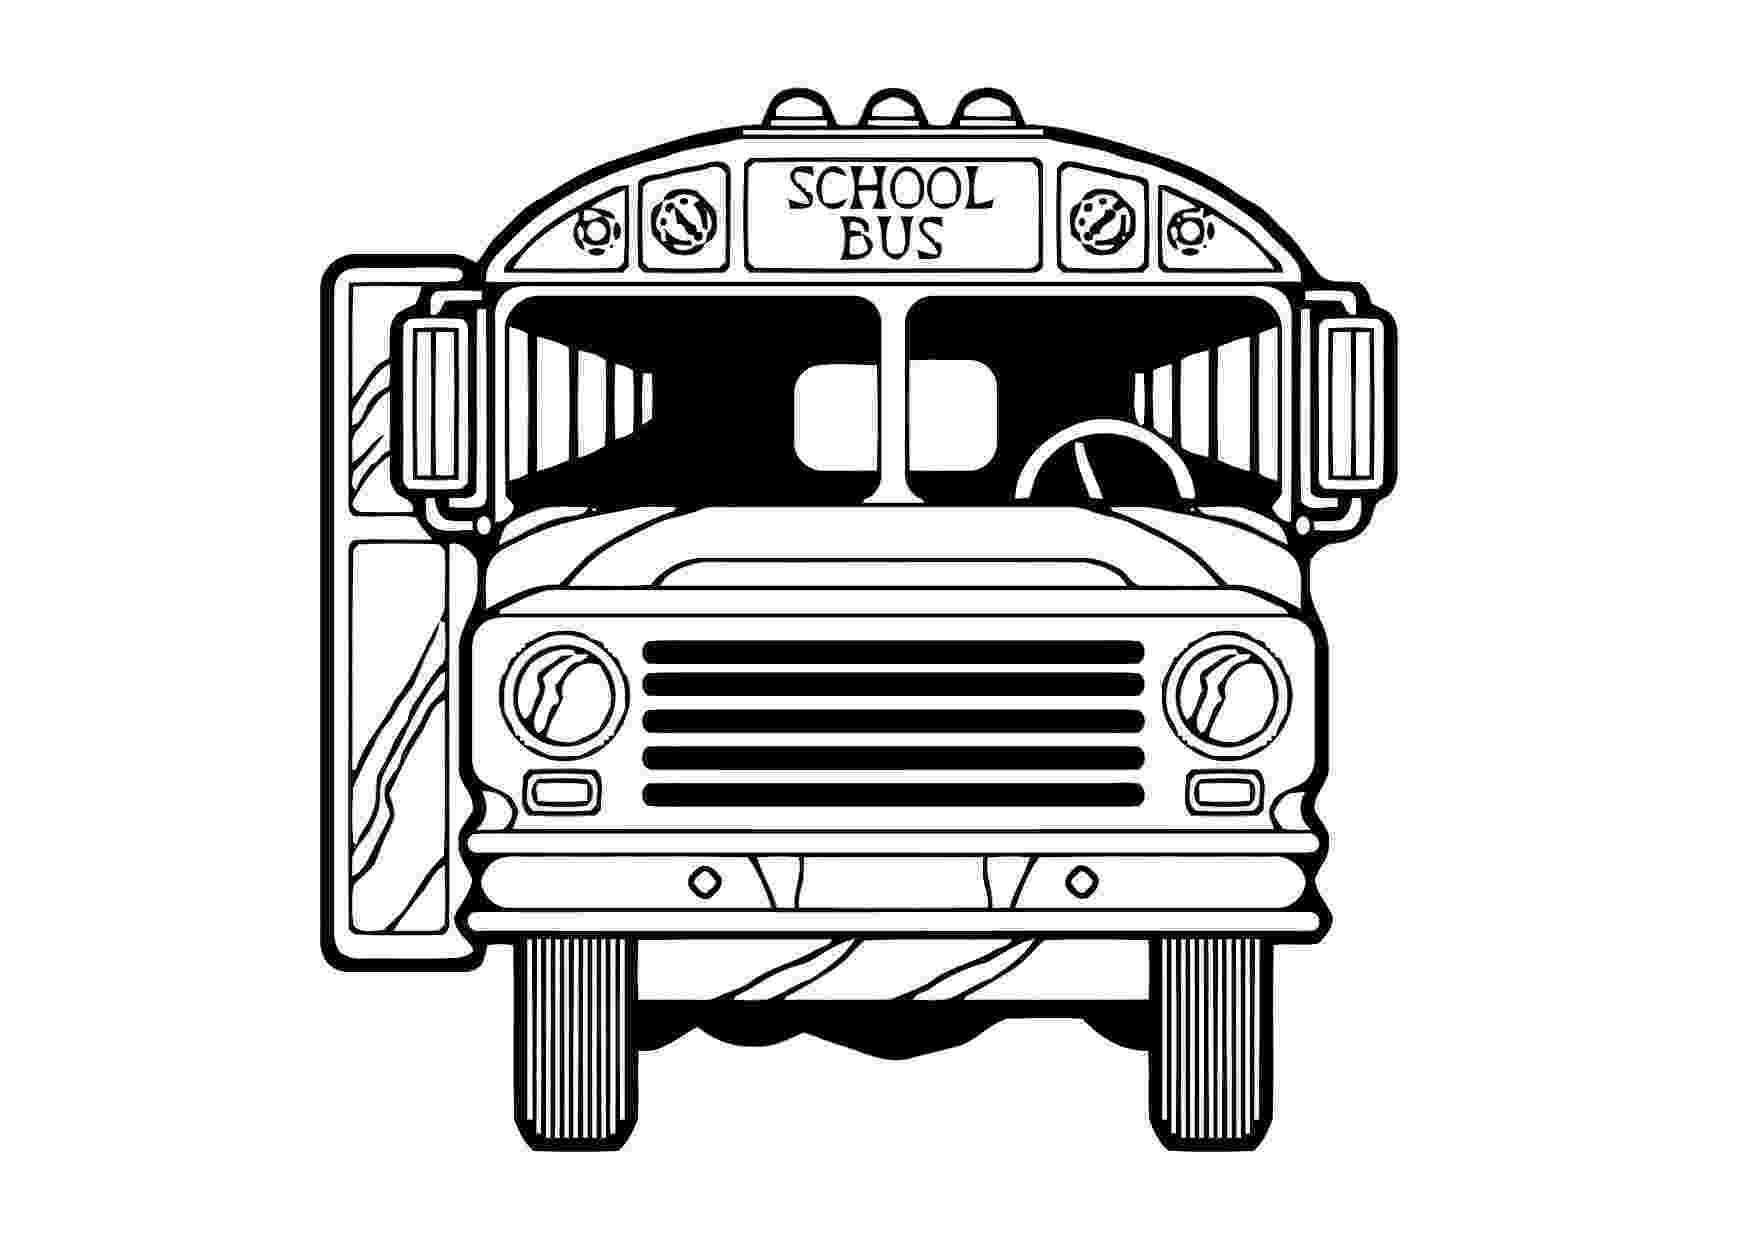 school bus coloring sheet printable school bus coloring page for kids cool2bkids coloring sheet bus school